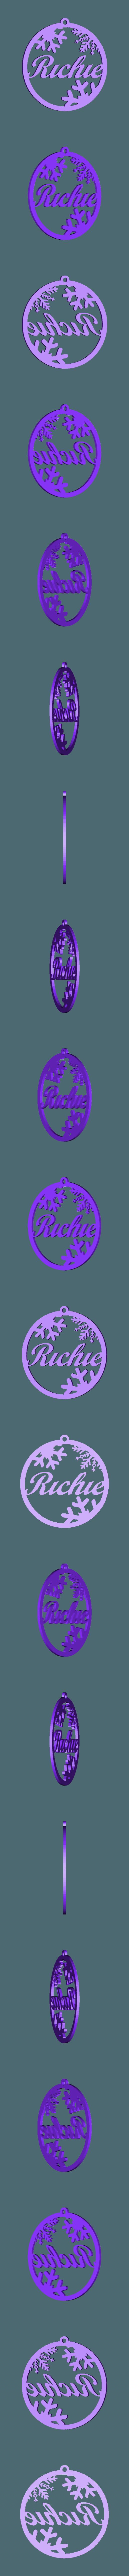 Richie.stl Télécharger fichier STL gratuit décoration de Noël • Objet à imprimer en 3D, Centro3D